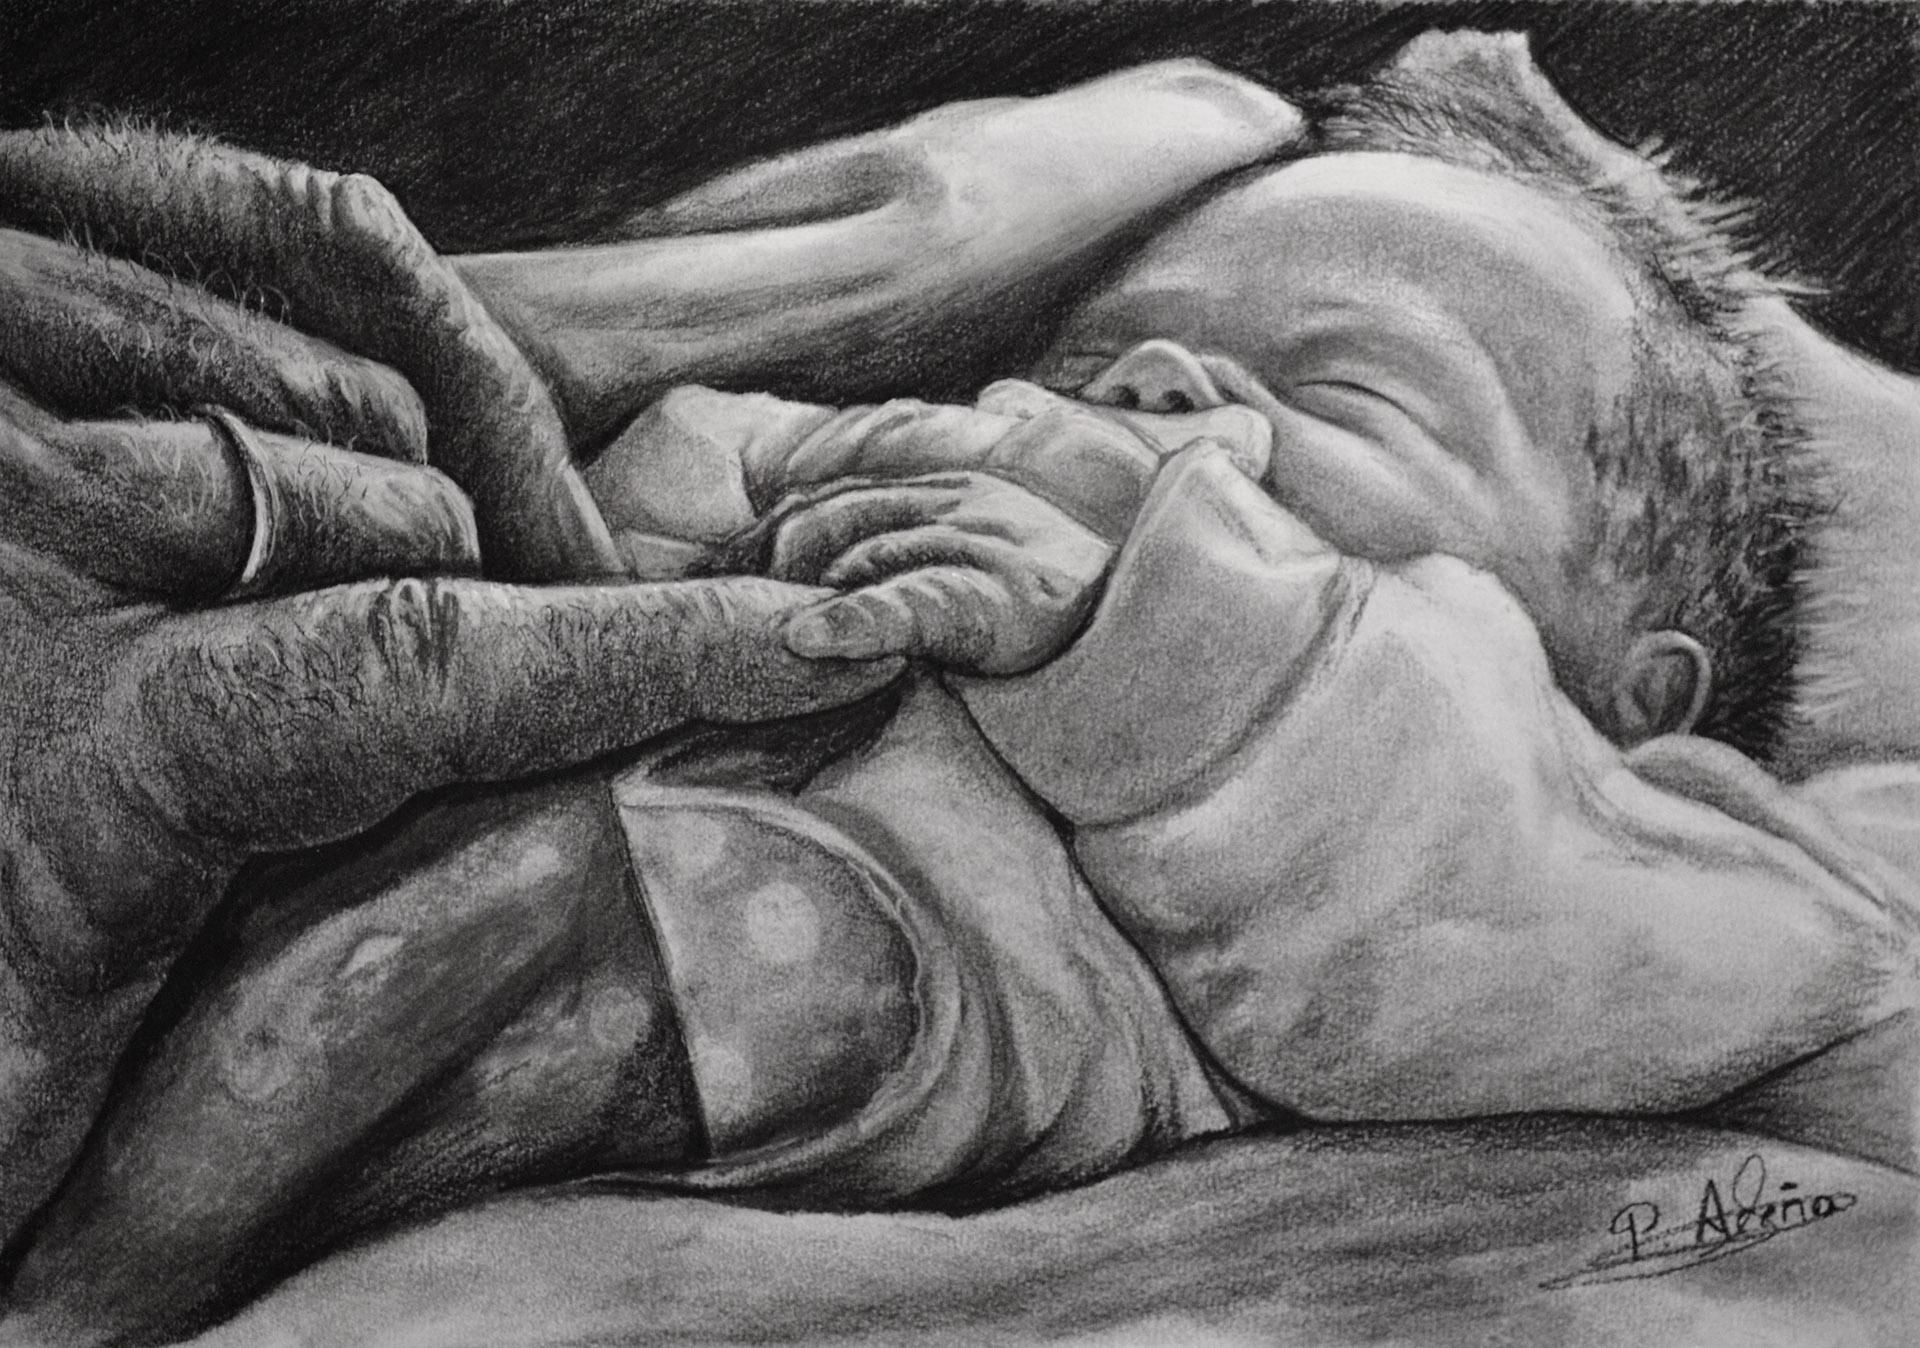 Serie Manos XVI. Pilar Aceña, carboncillo, 30 x 21 cm. Año 2018